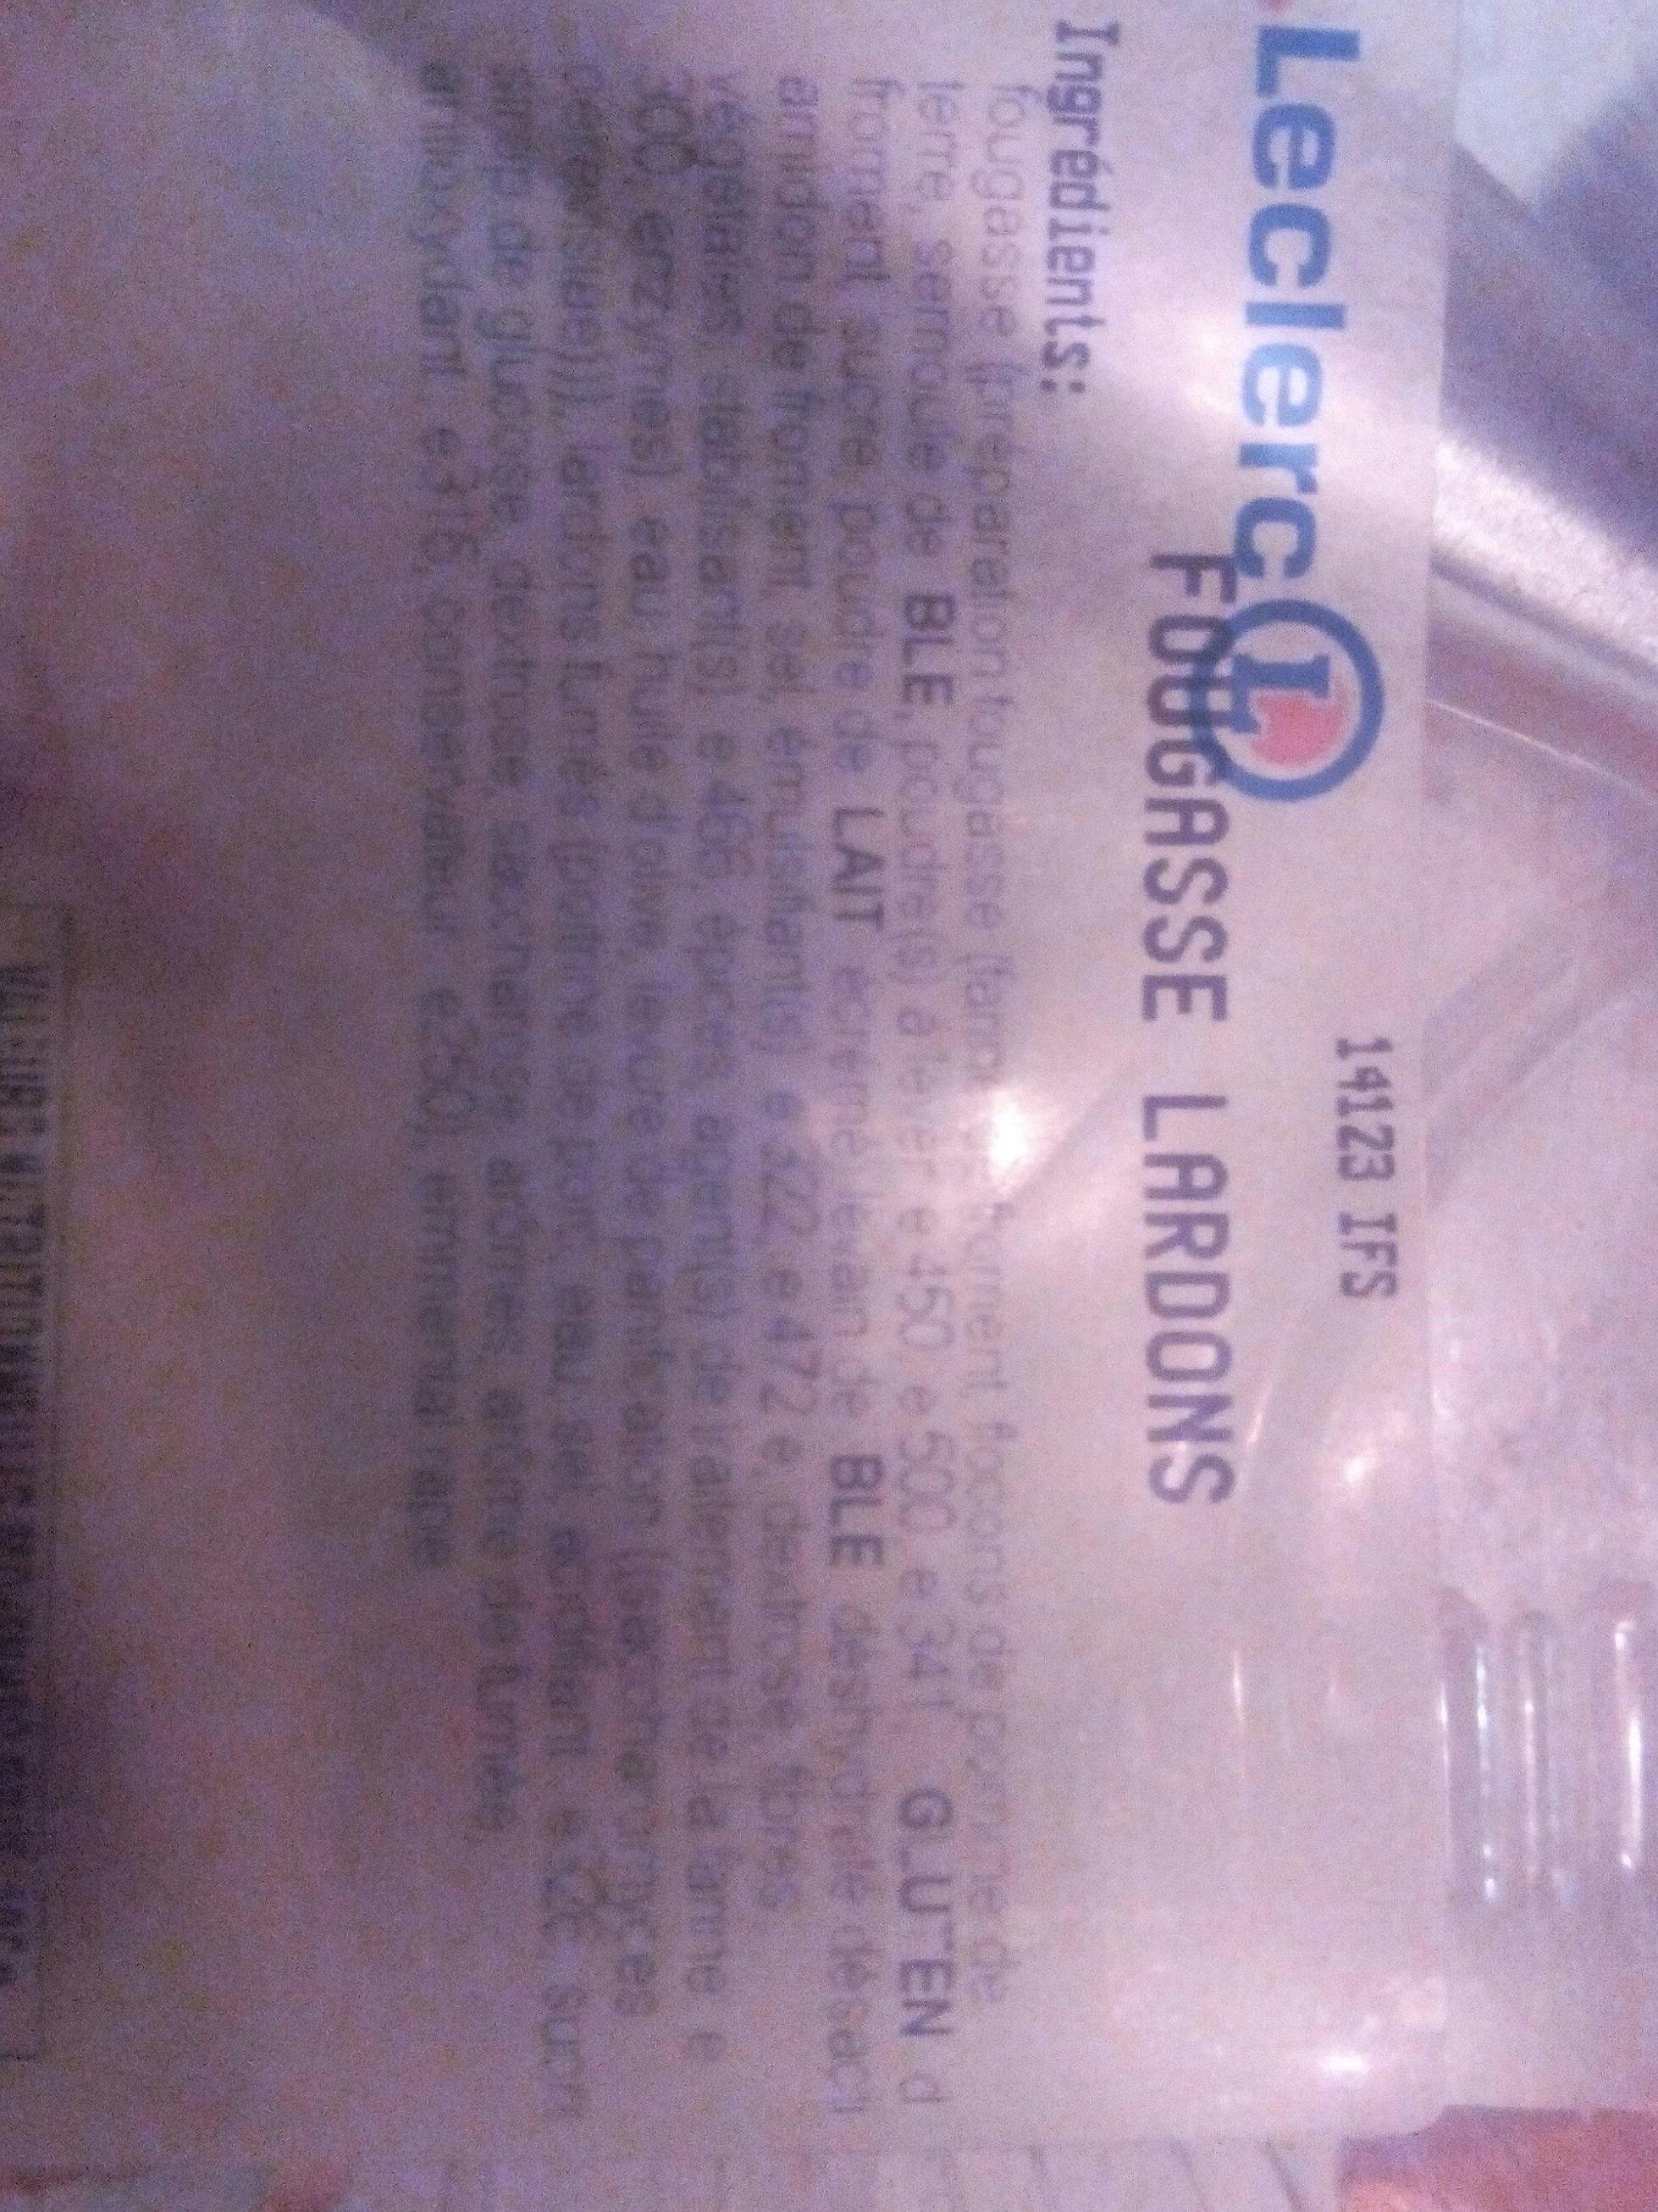 Fougasse Lardons - Ingredients - fr